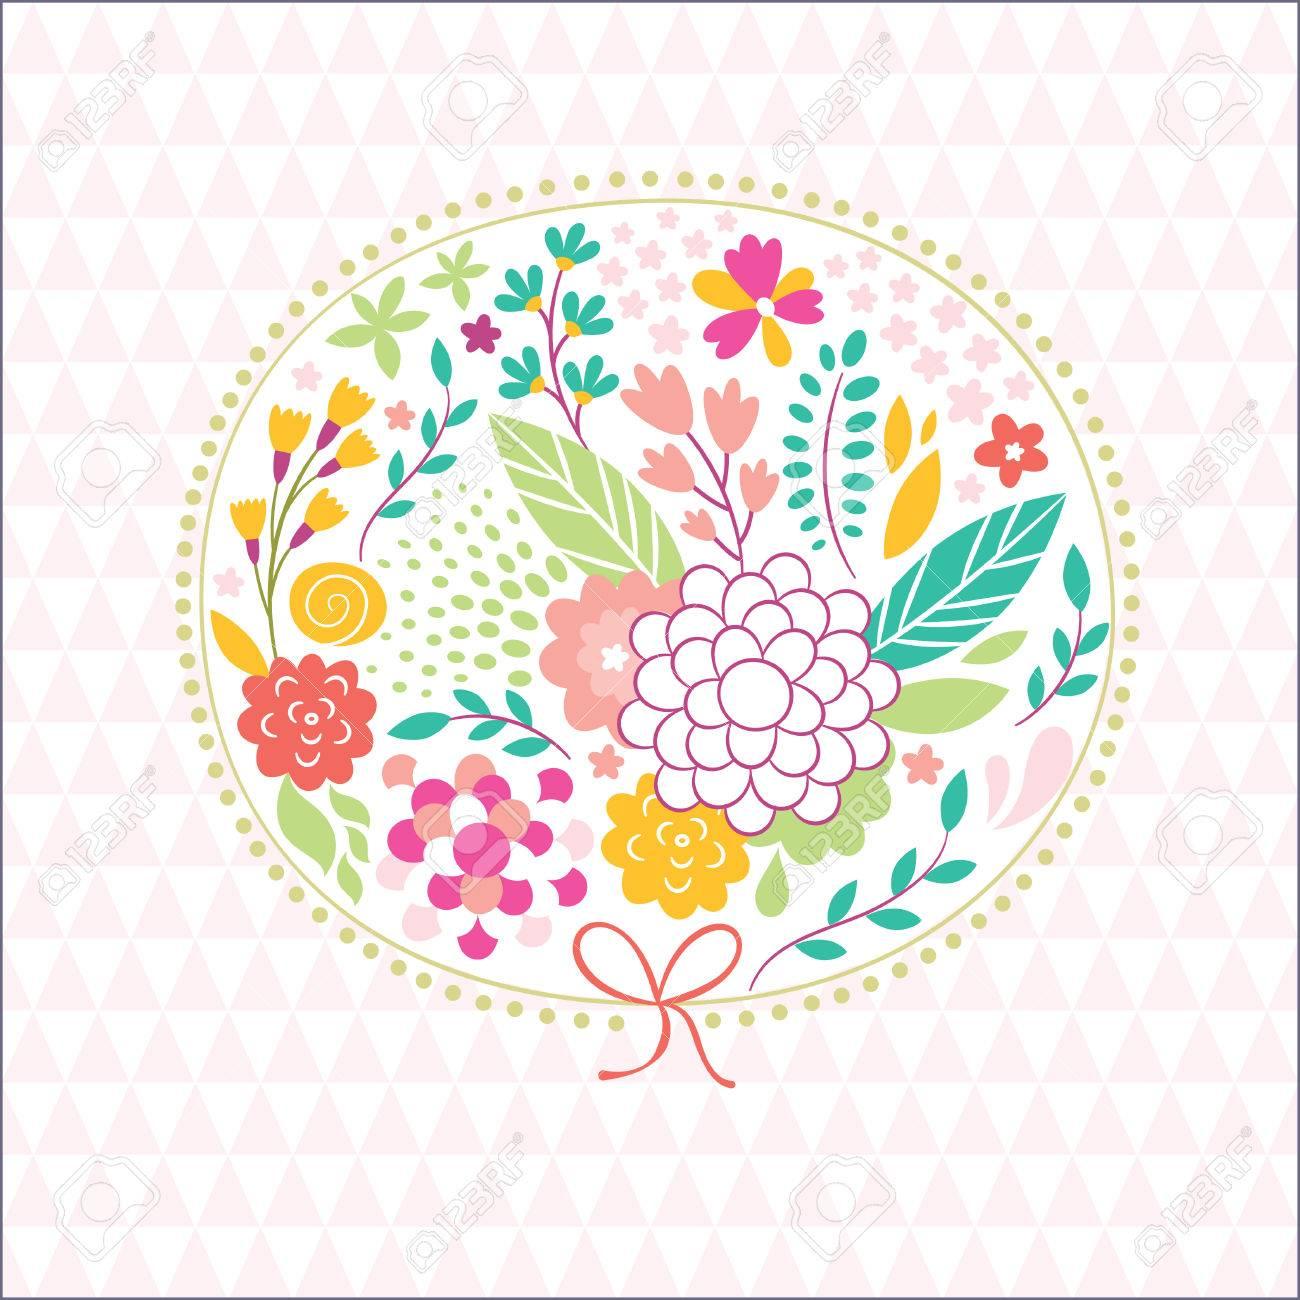 かわいい花のイラスト美容グリーティング カードのイラスト素材